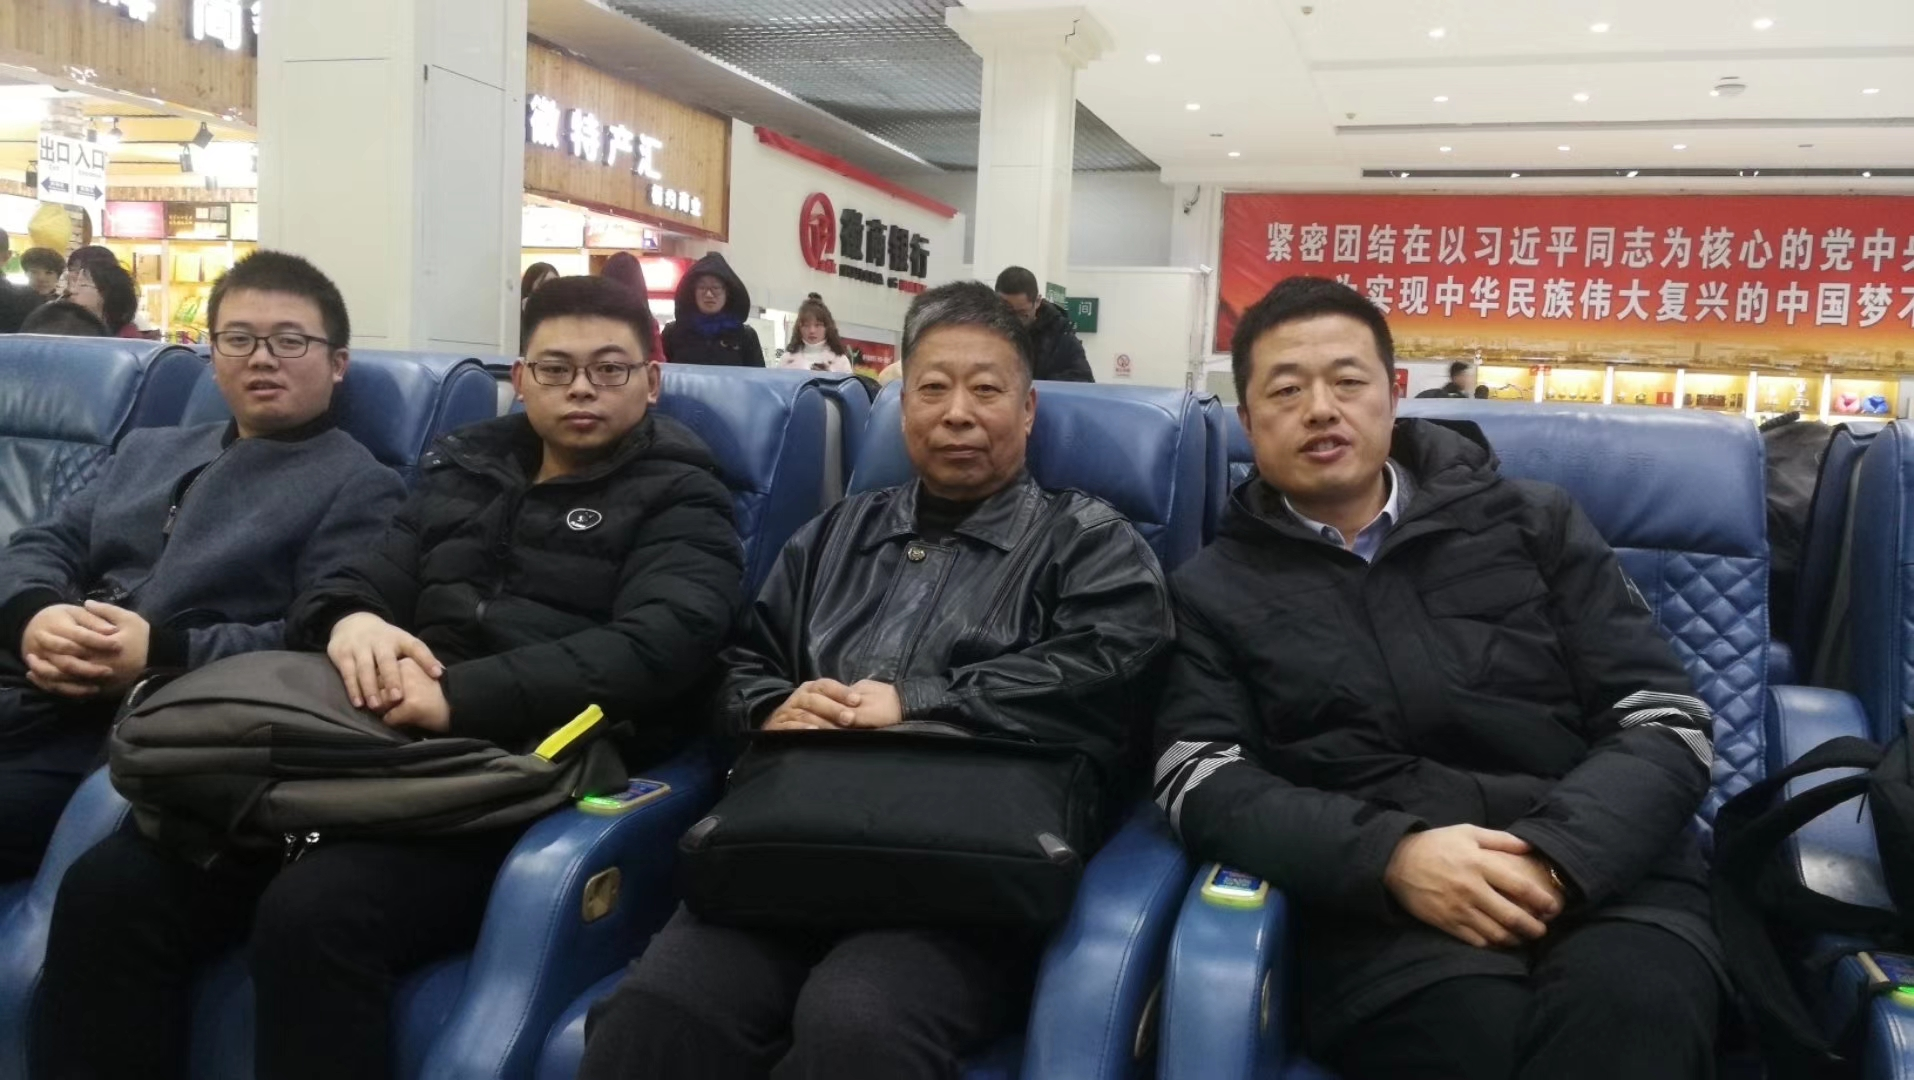 安嘉人出差凌晨3点在机场留影